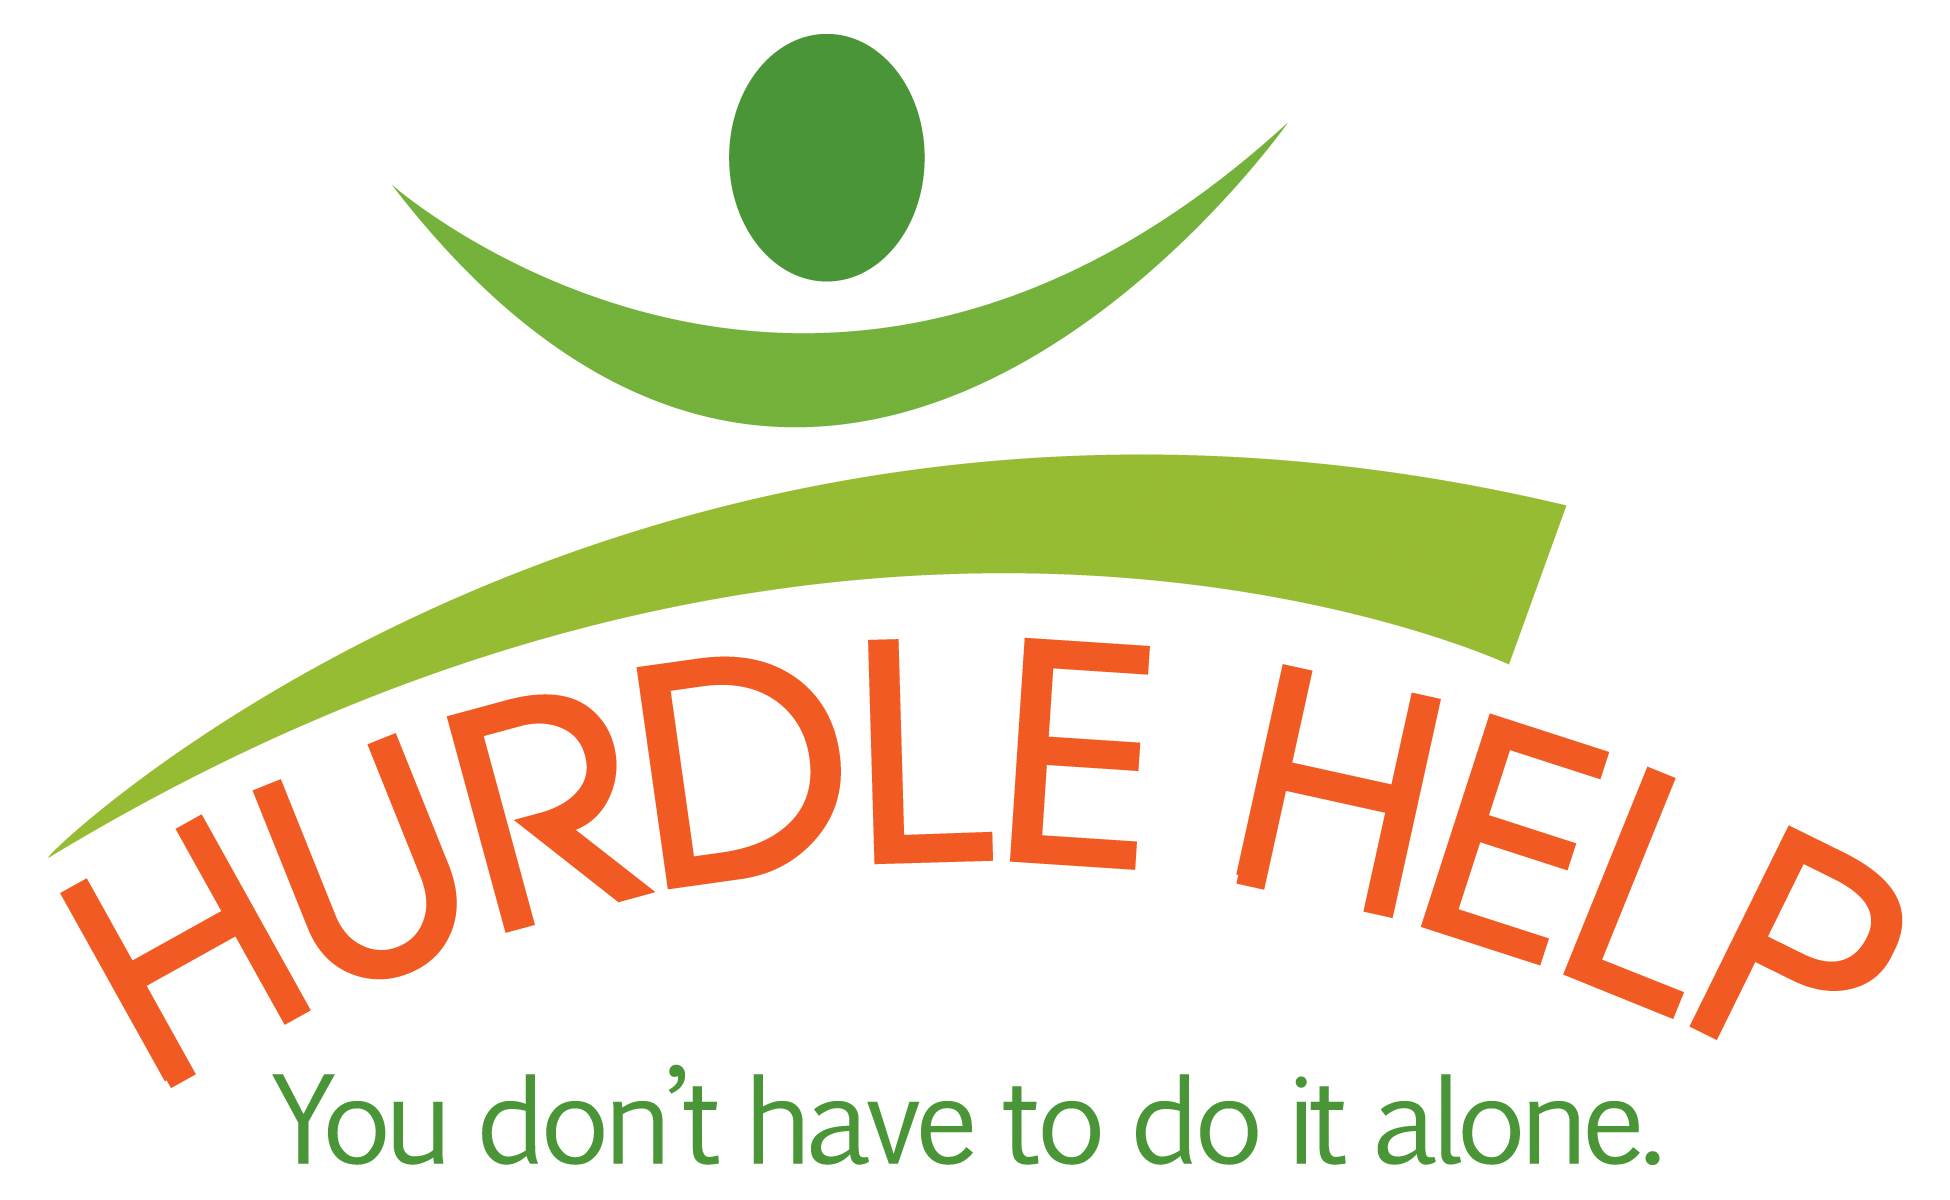 Hurdle Help